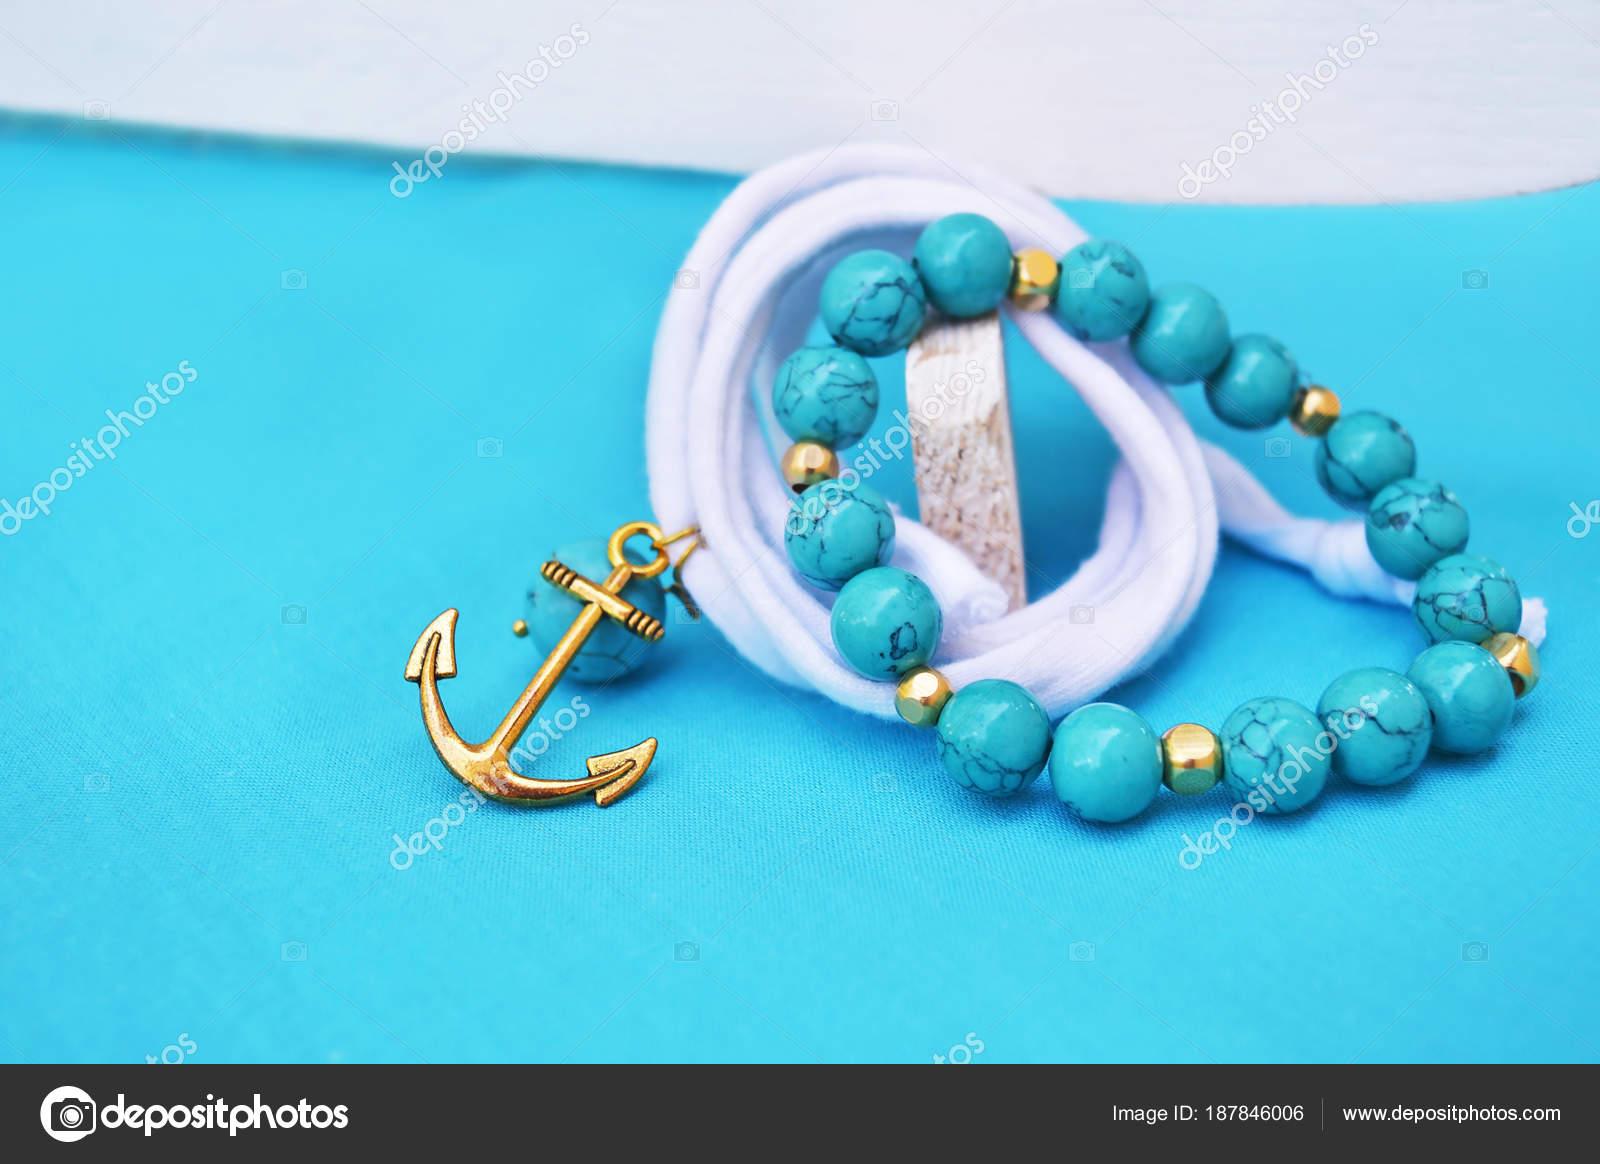 Βραχιόλι - ναυτικά κοσμήματα με άγκυρα χρυσό - τιρκουάζ φόντο τιρκουάζ  ημιπολύτιμες– εικόνα αρχείου feee7476dd5